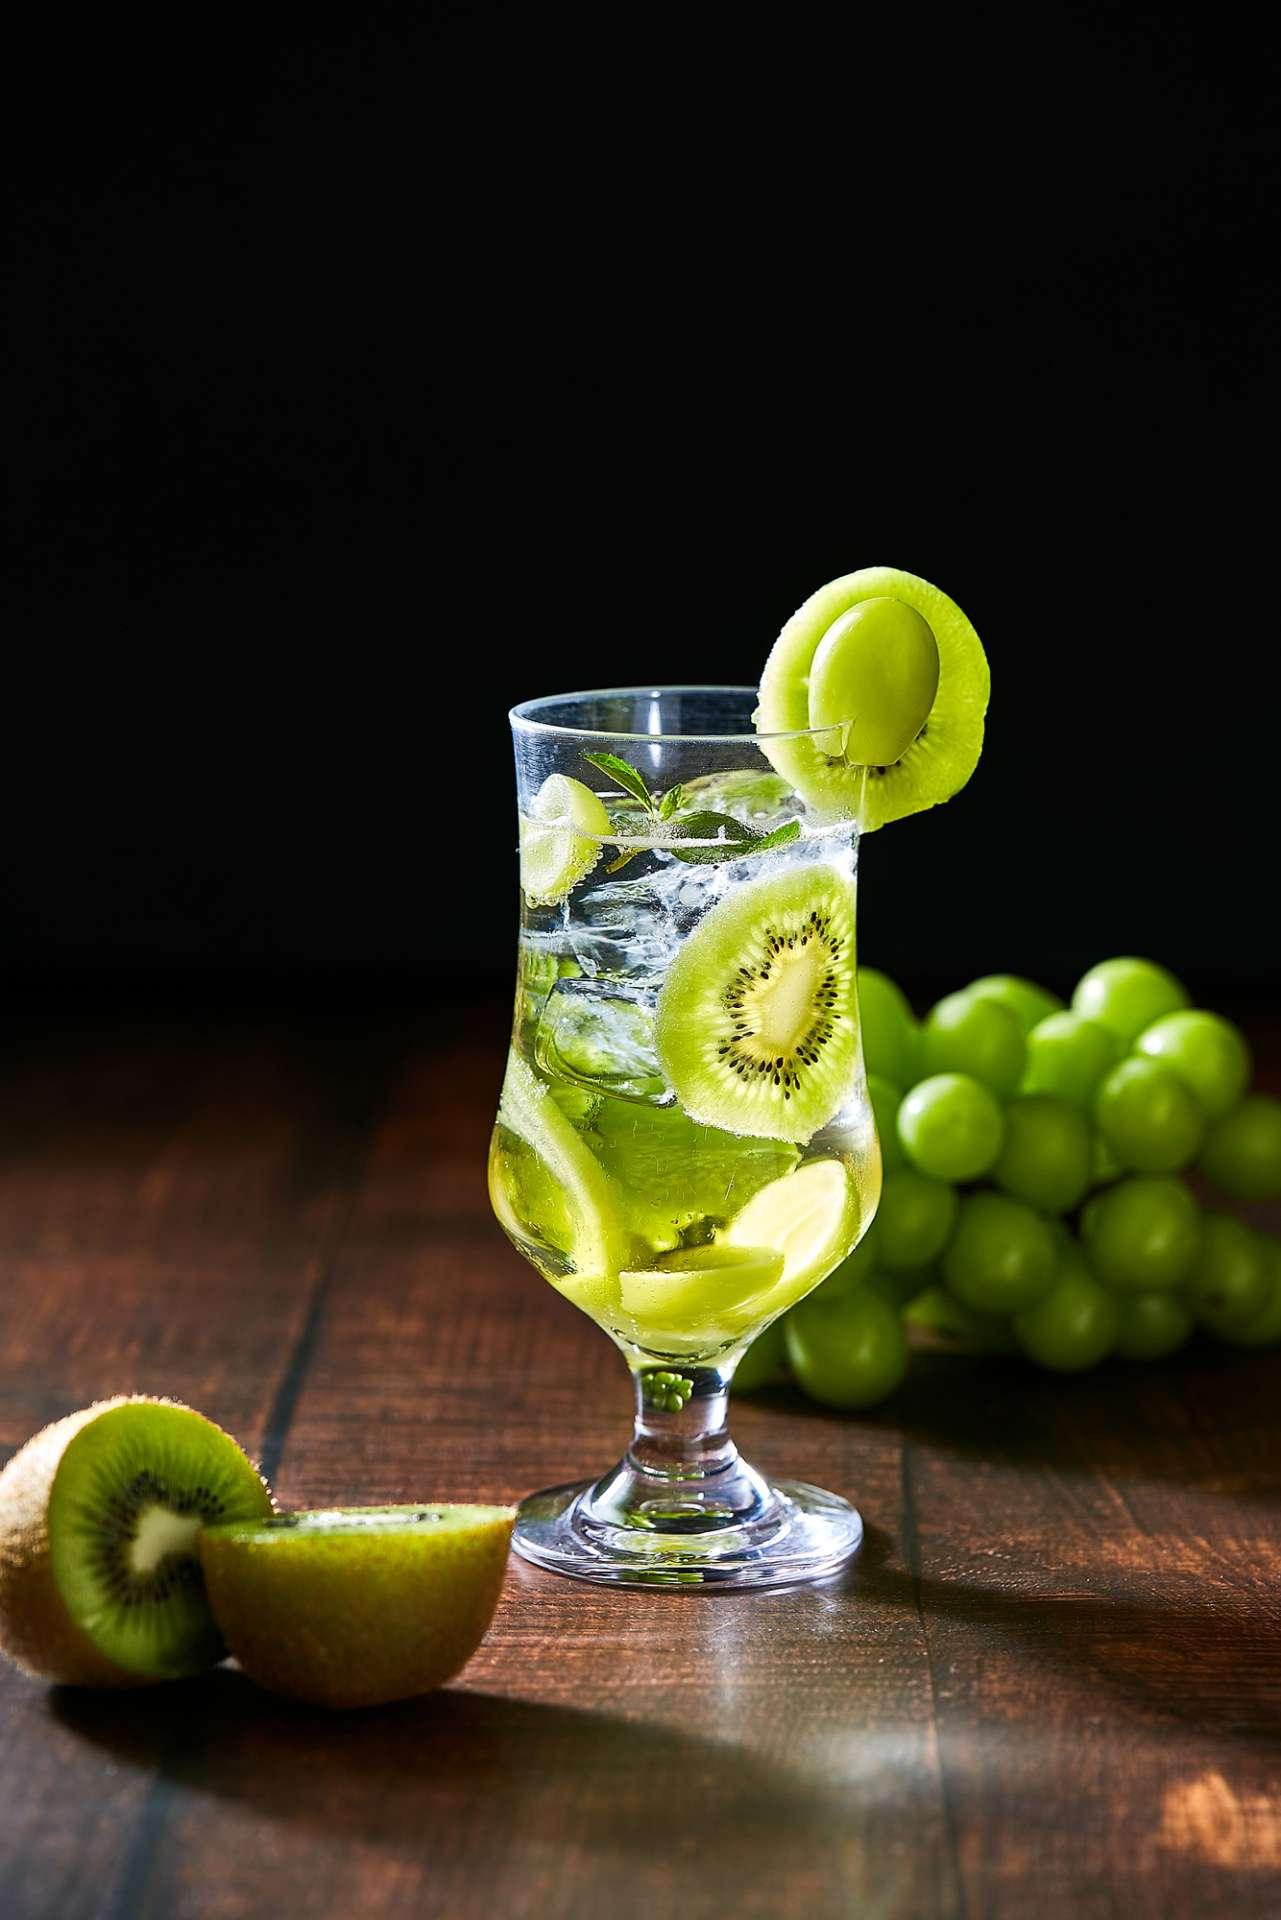 マスカットとキウイのビネガーソーダ<br>Muscat & Kiwi Vinegar Soda